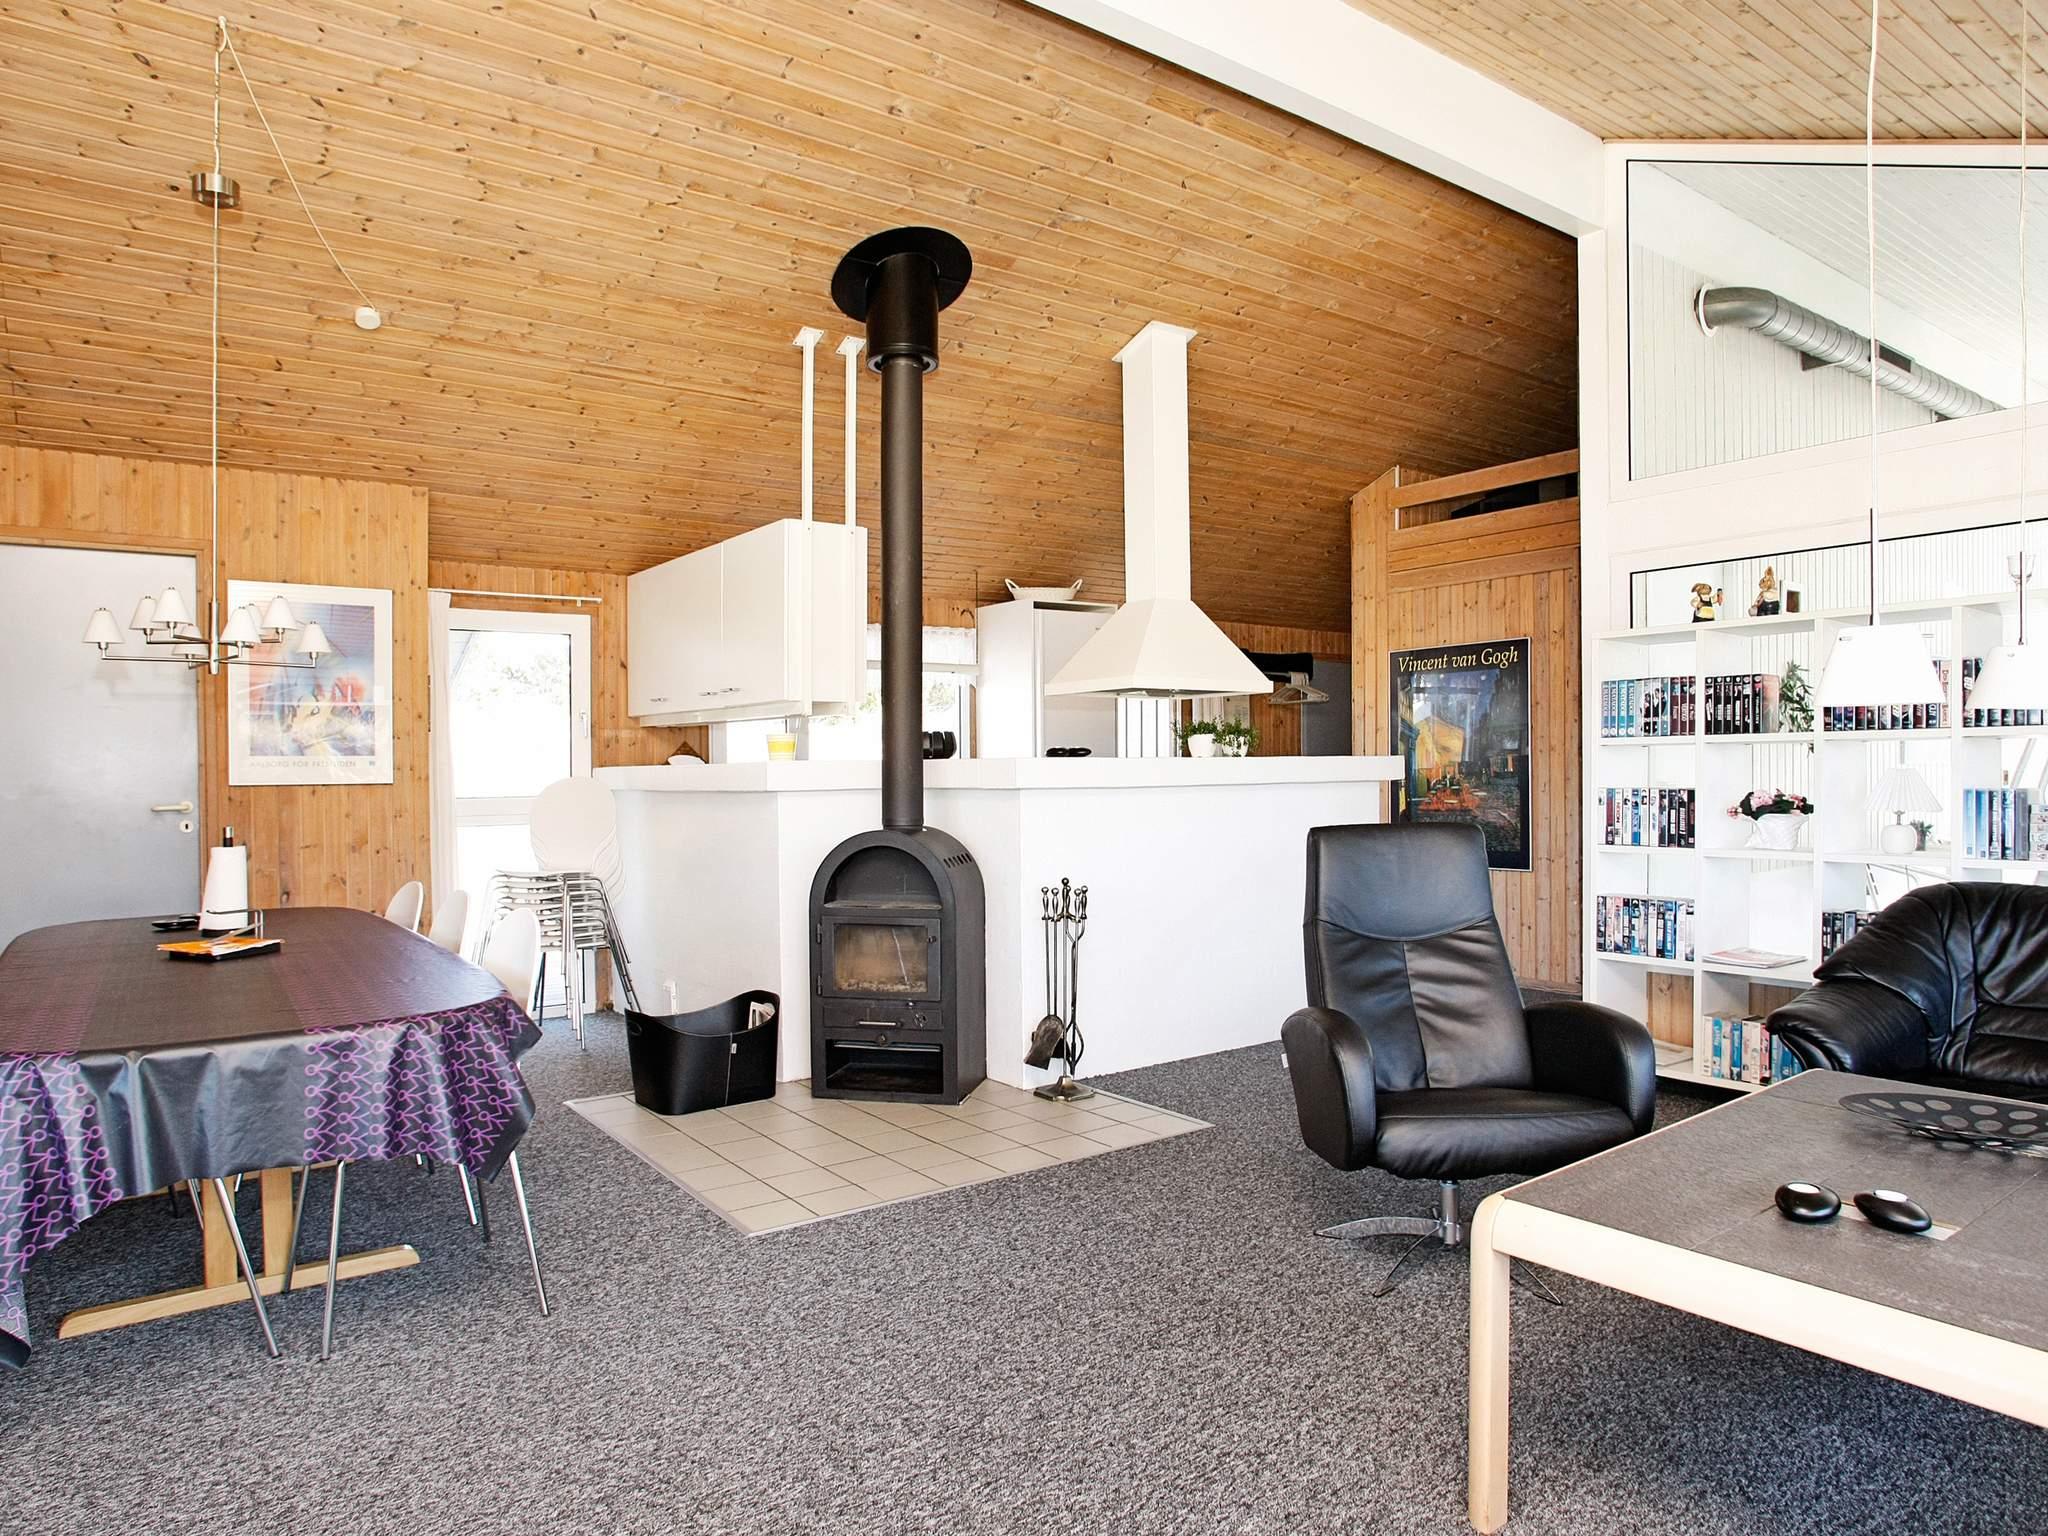 Ferienhaus Blokhus (83373), Blokhus, , Nordwestjütland, Dänemark, Bild 3